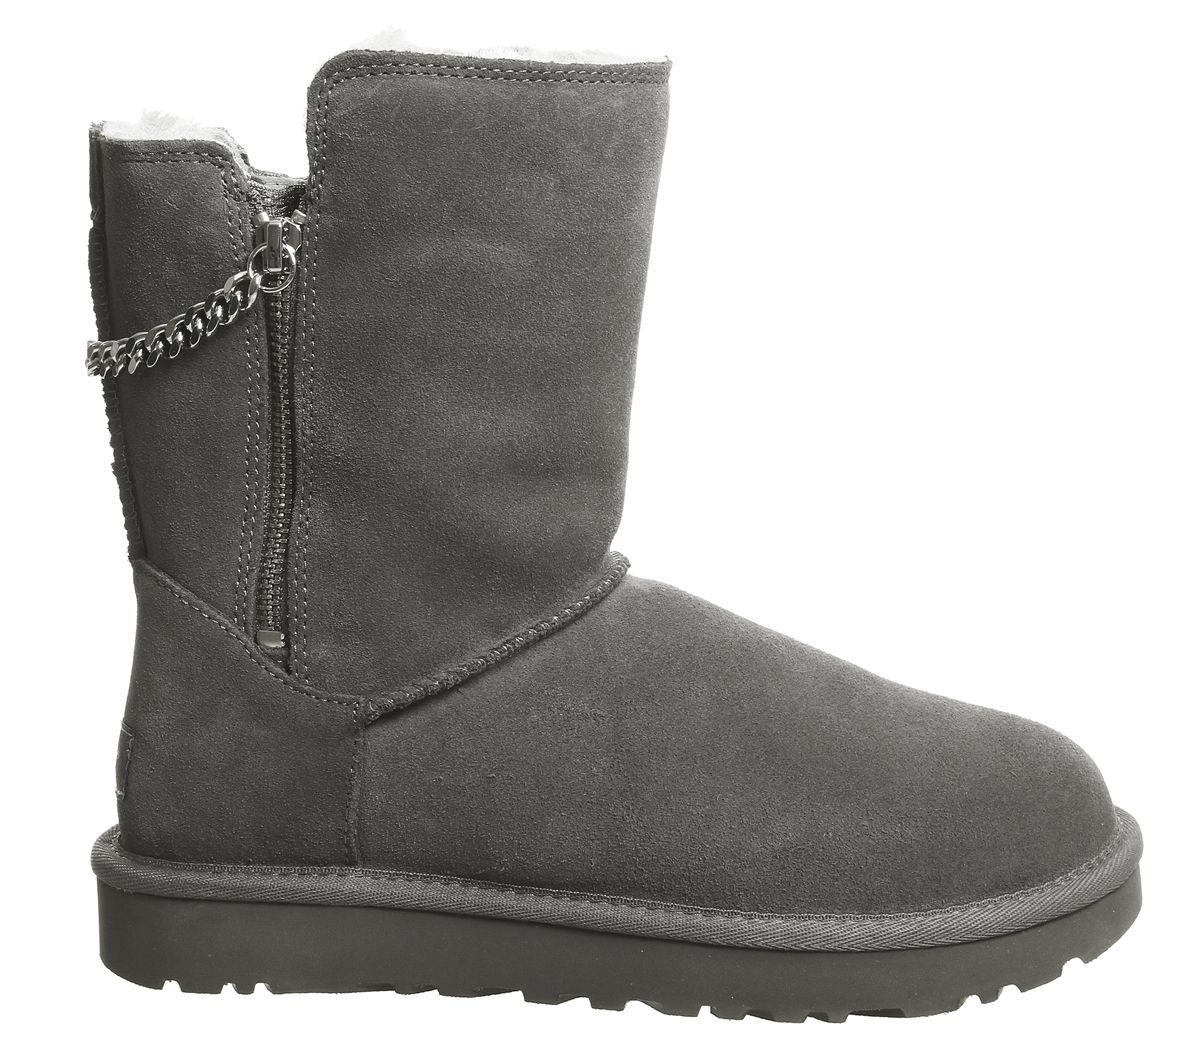 3cc3c1f3a3e Classic Short Sparkle Zip Exclusive Boots